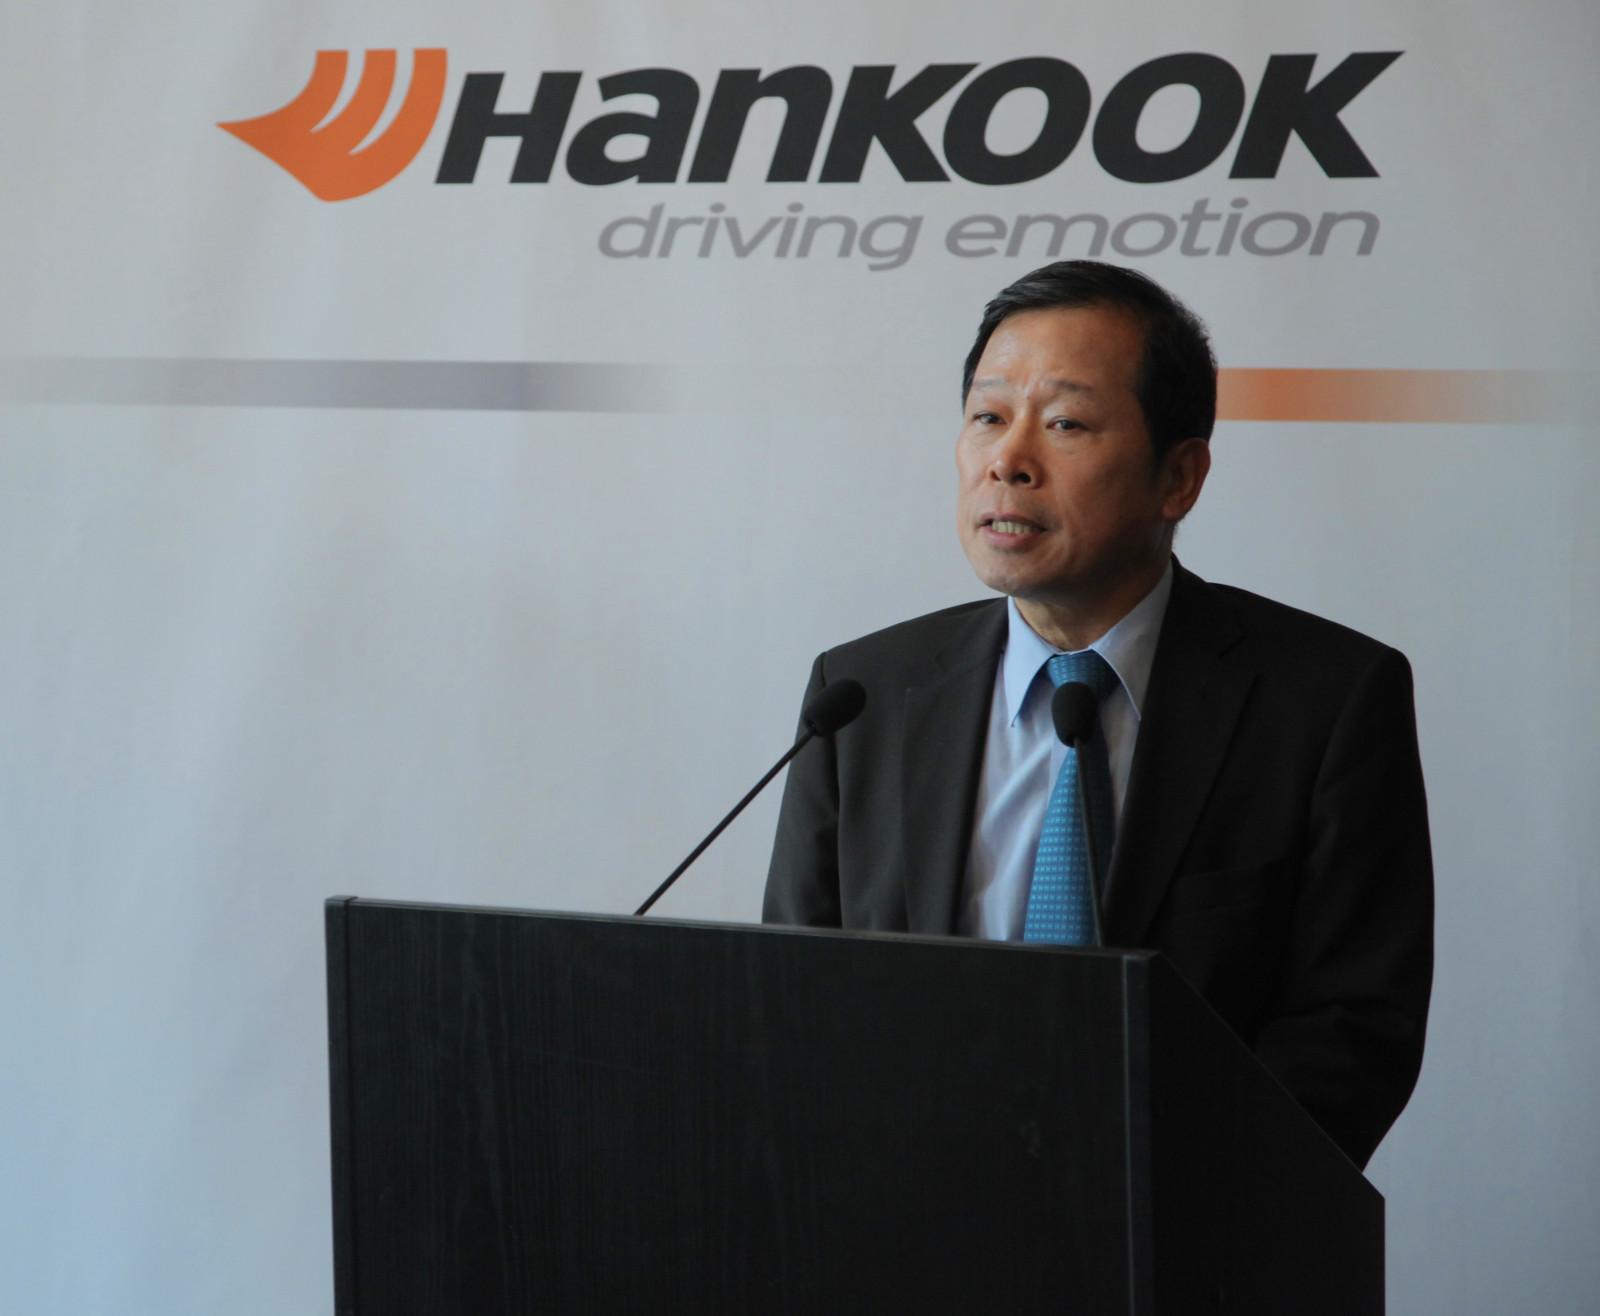 hankook3